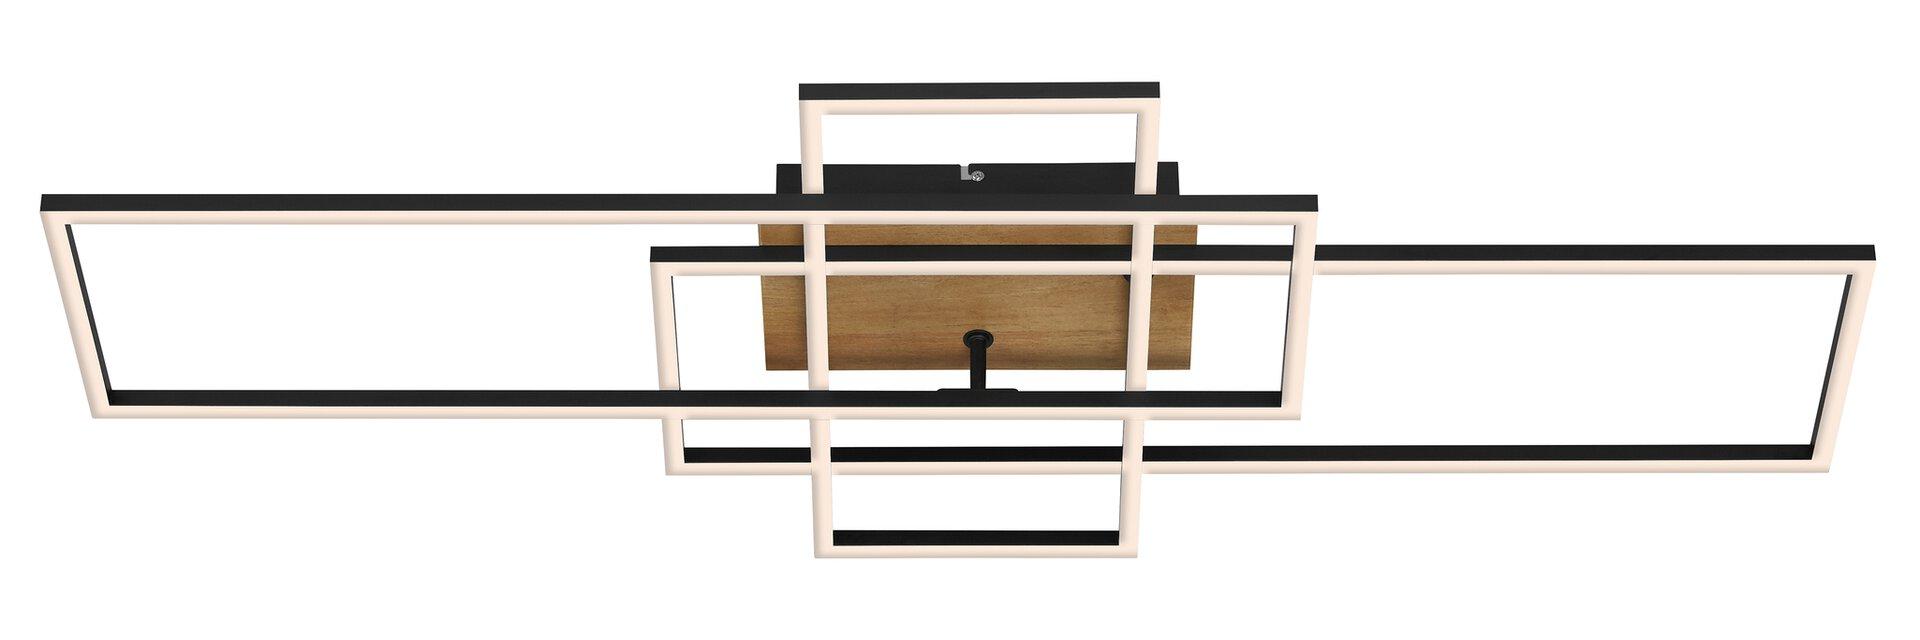 Deckenleuchte FRAME Briloner Metall braun 42 x 11 x 104 cm